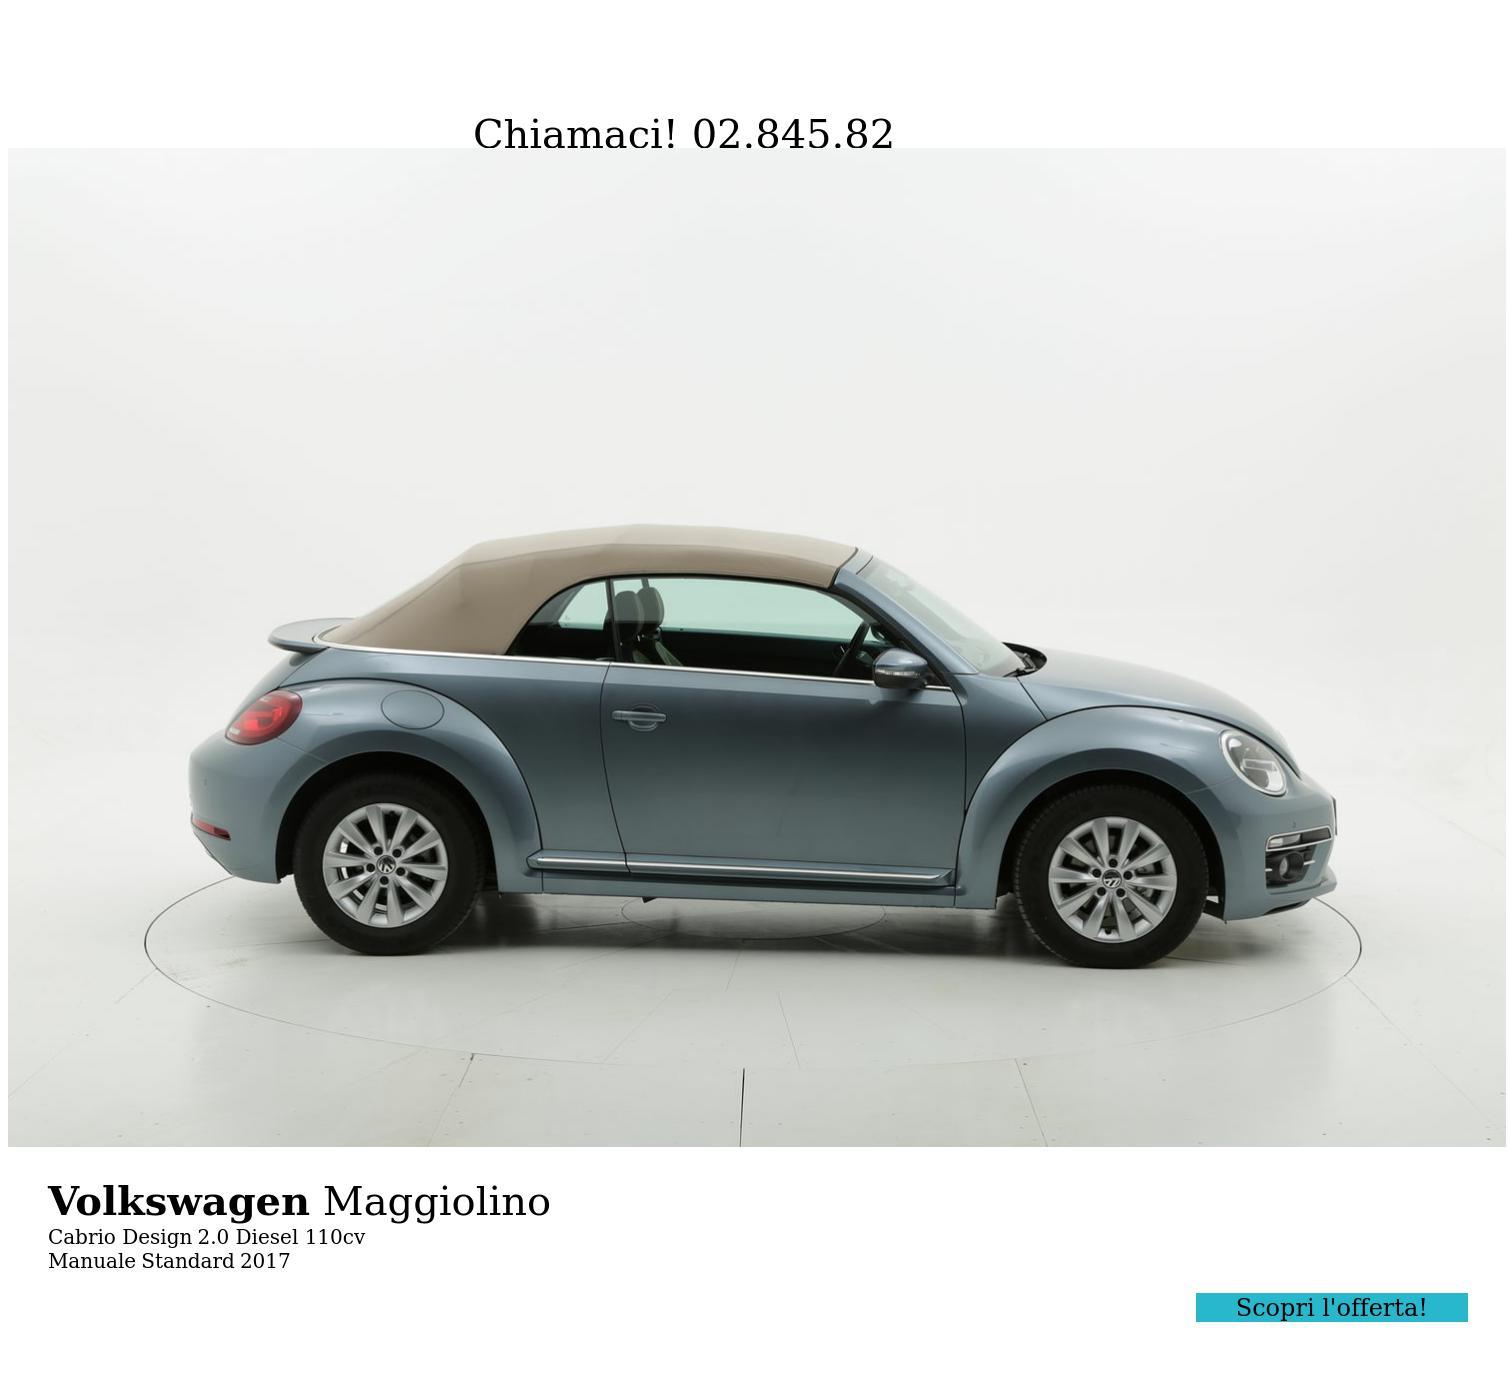 Volkswagen Maggiolino Cabrio Design km 0 diesel blu | brumbrum